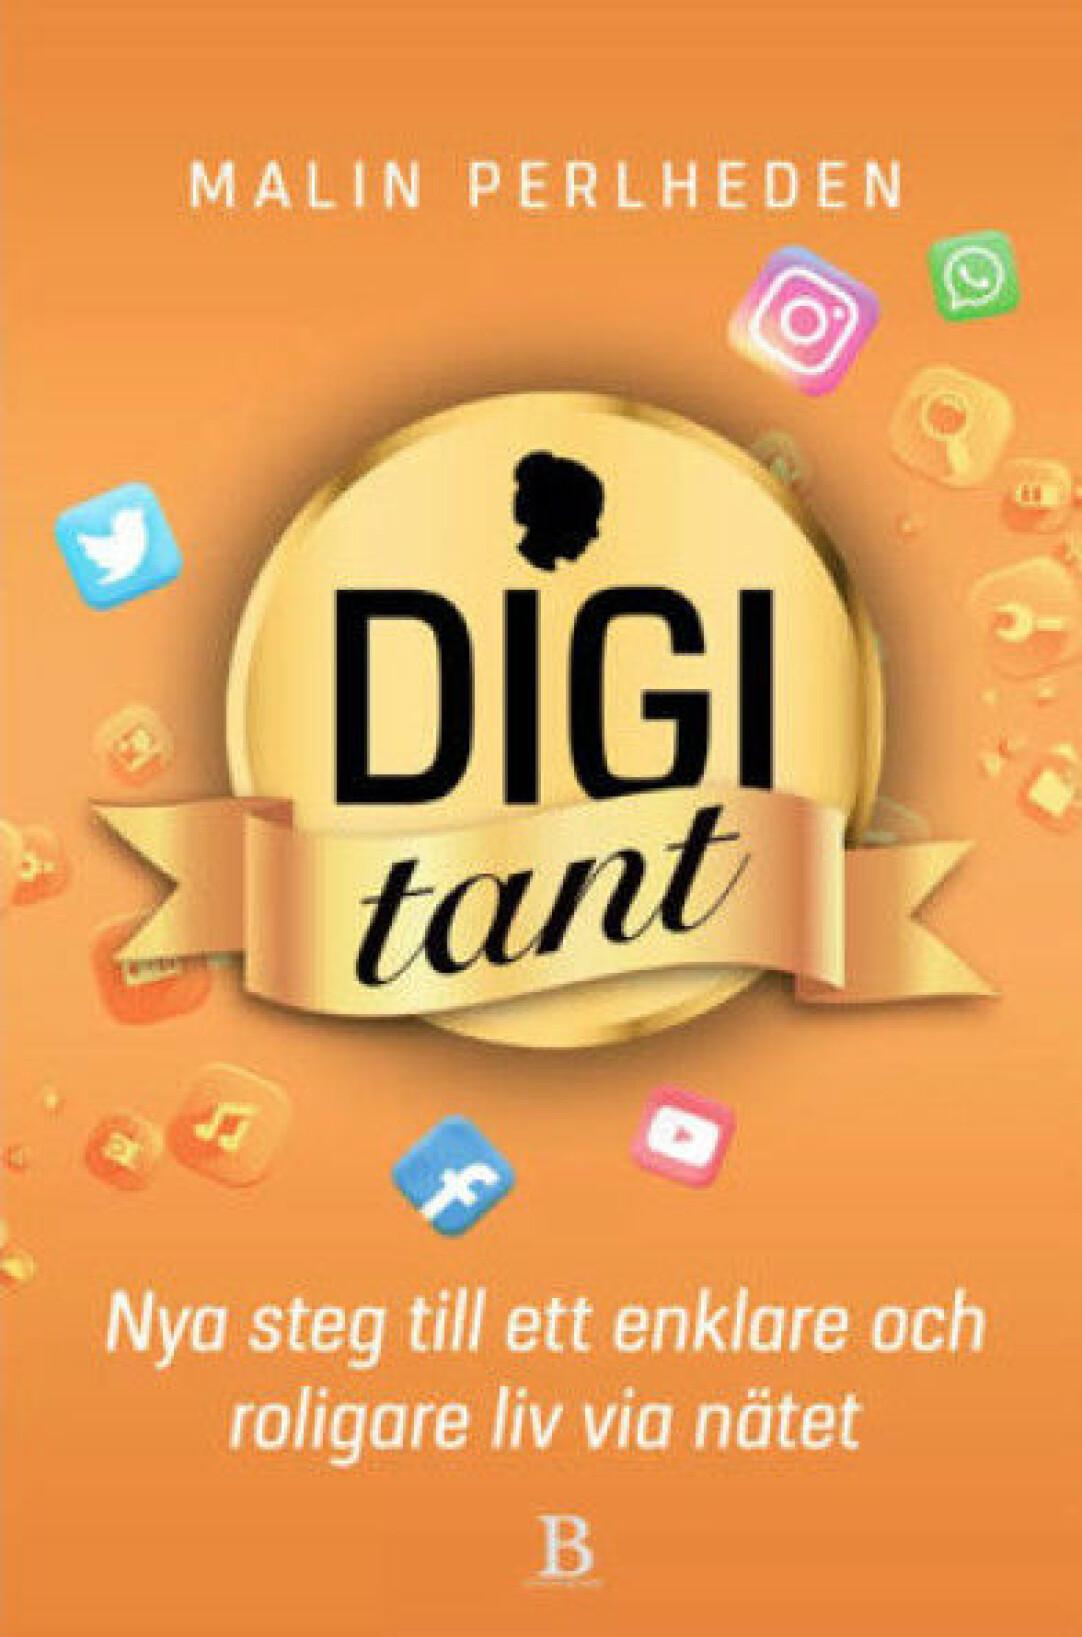 Omslag till Malin Perlhedens bok Digitant: Nya steg till ett enklare och roligare liv via nätet